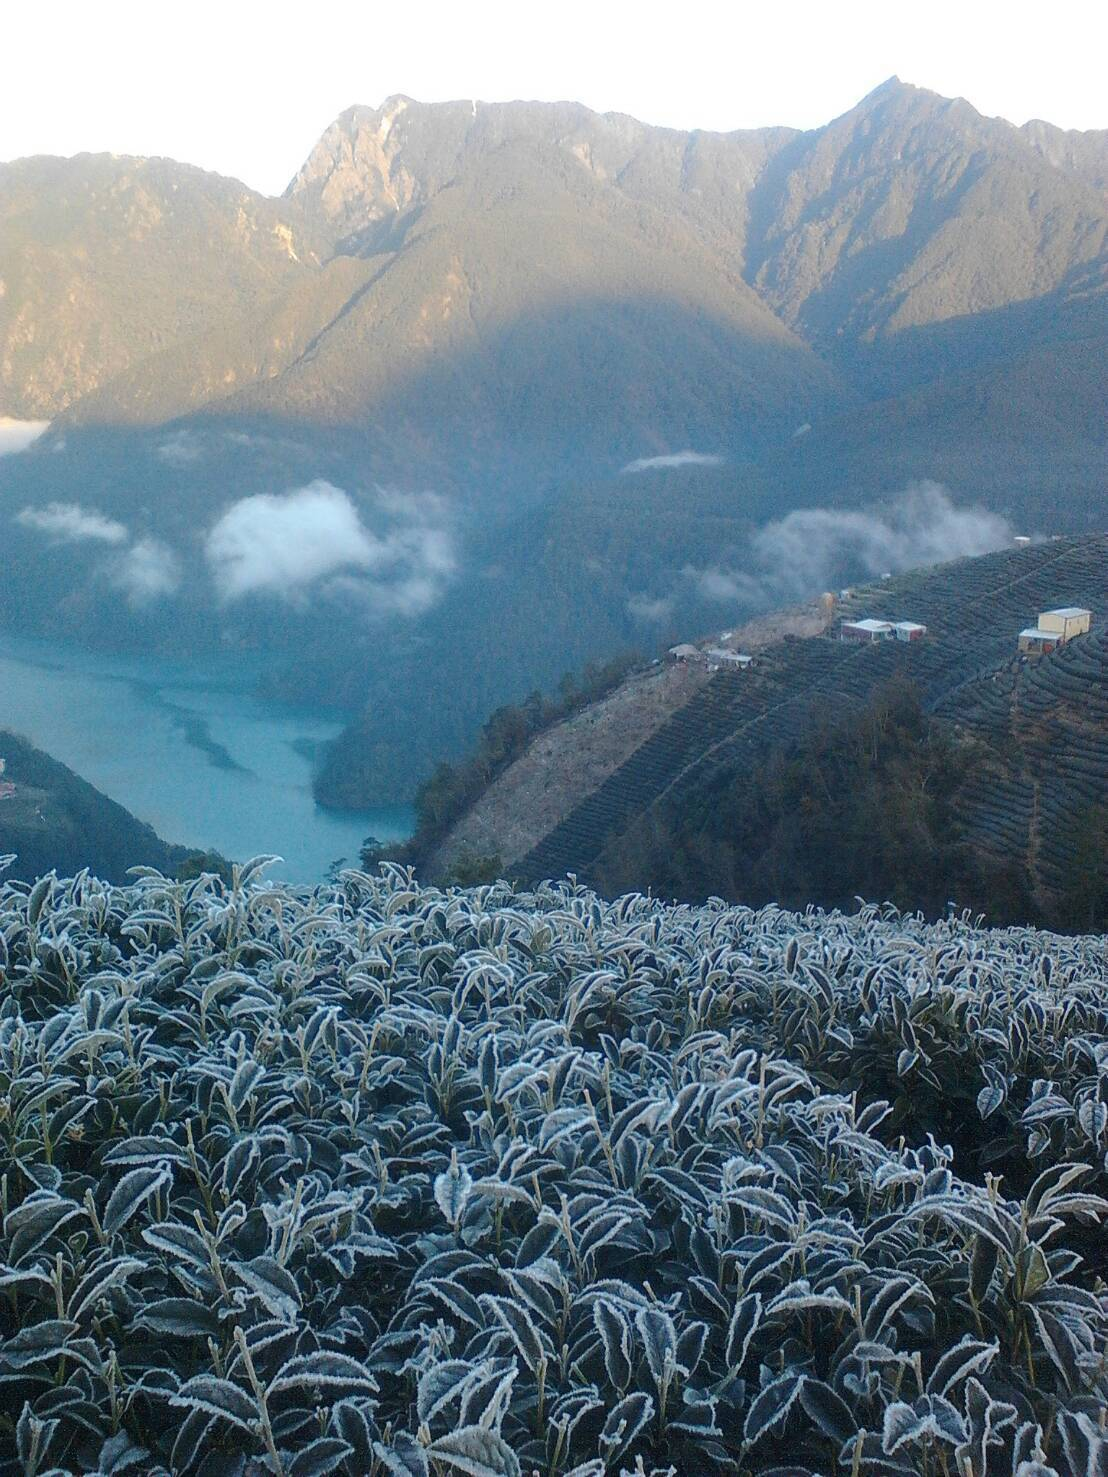 南投縣清境、廬山地區茶園昨天因為低溫茶園出現冰柱奇景,連茶葉上也覆上一白霜,相當...